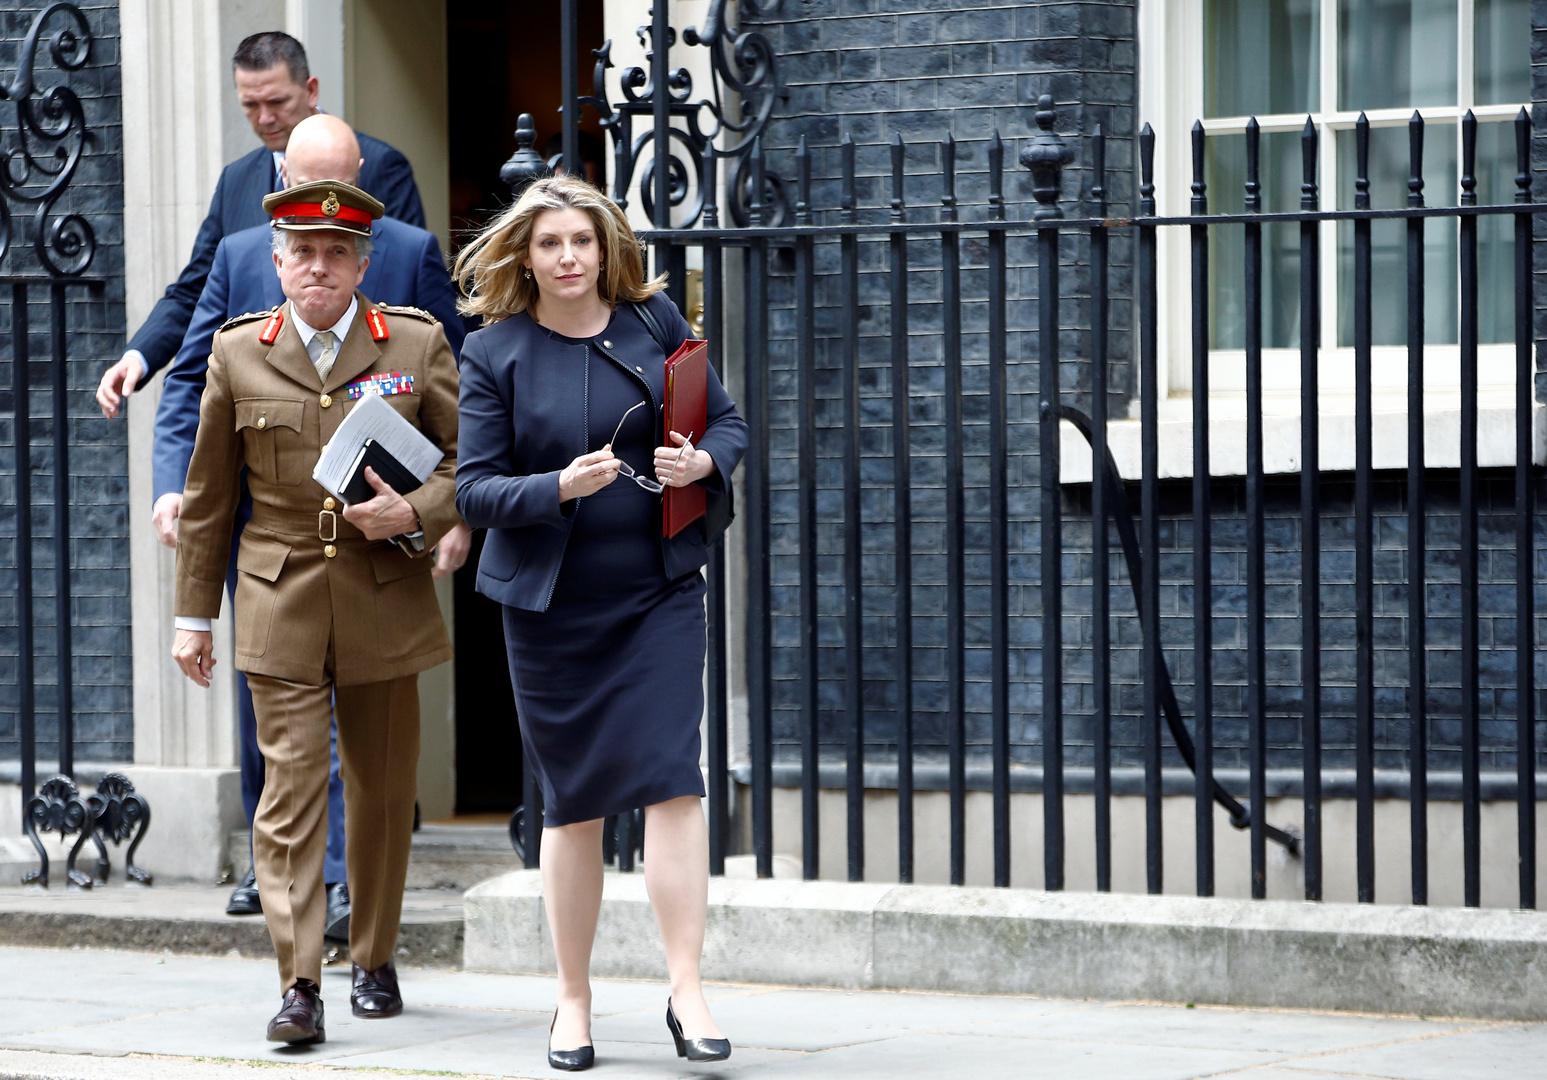 الجنرال نيكولا كارتر قائد هيئة أركان القوات المسلحة البريطانية في داونينغ ستريت بلندن